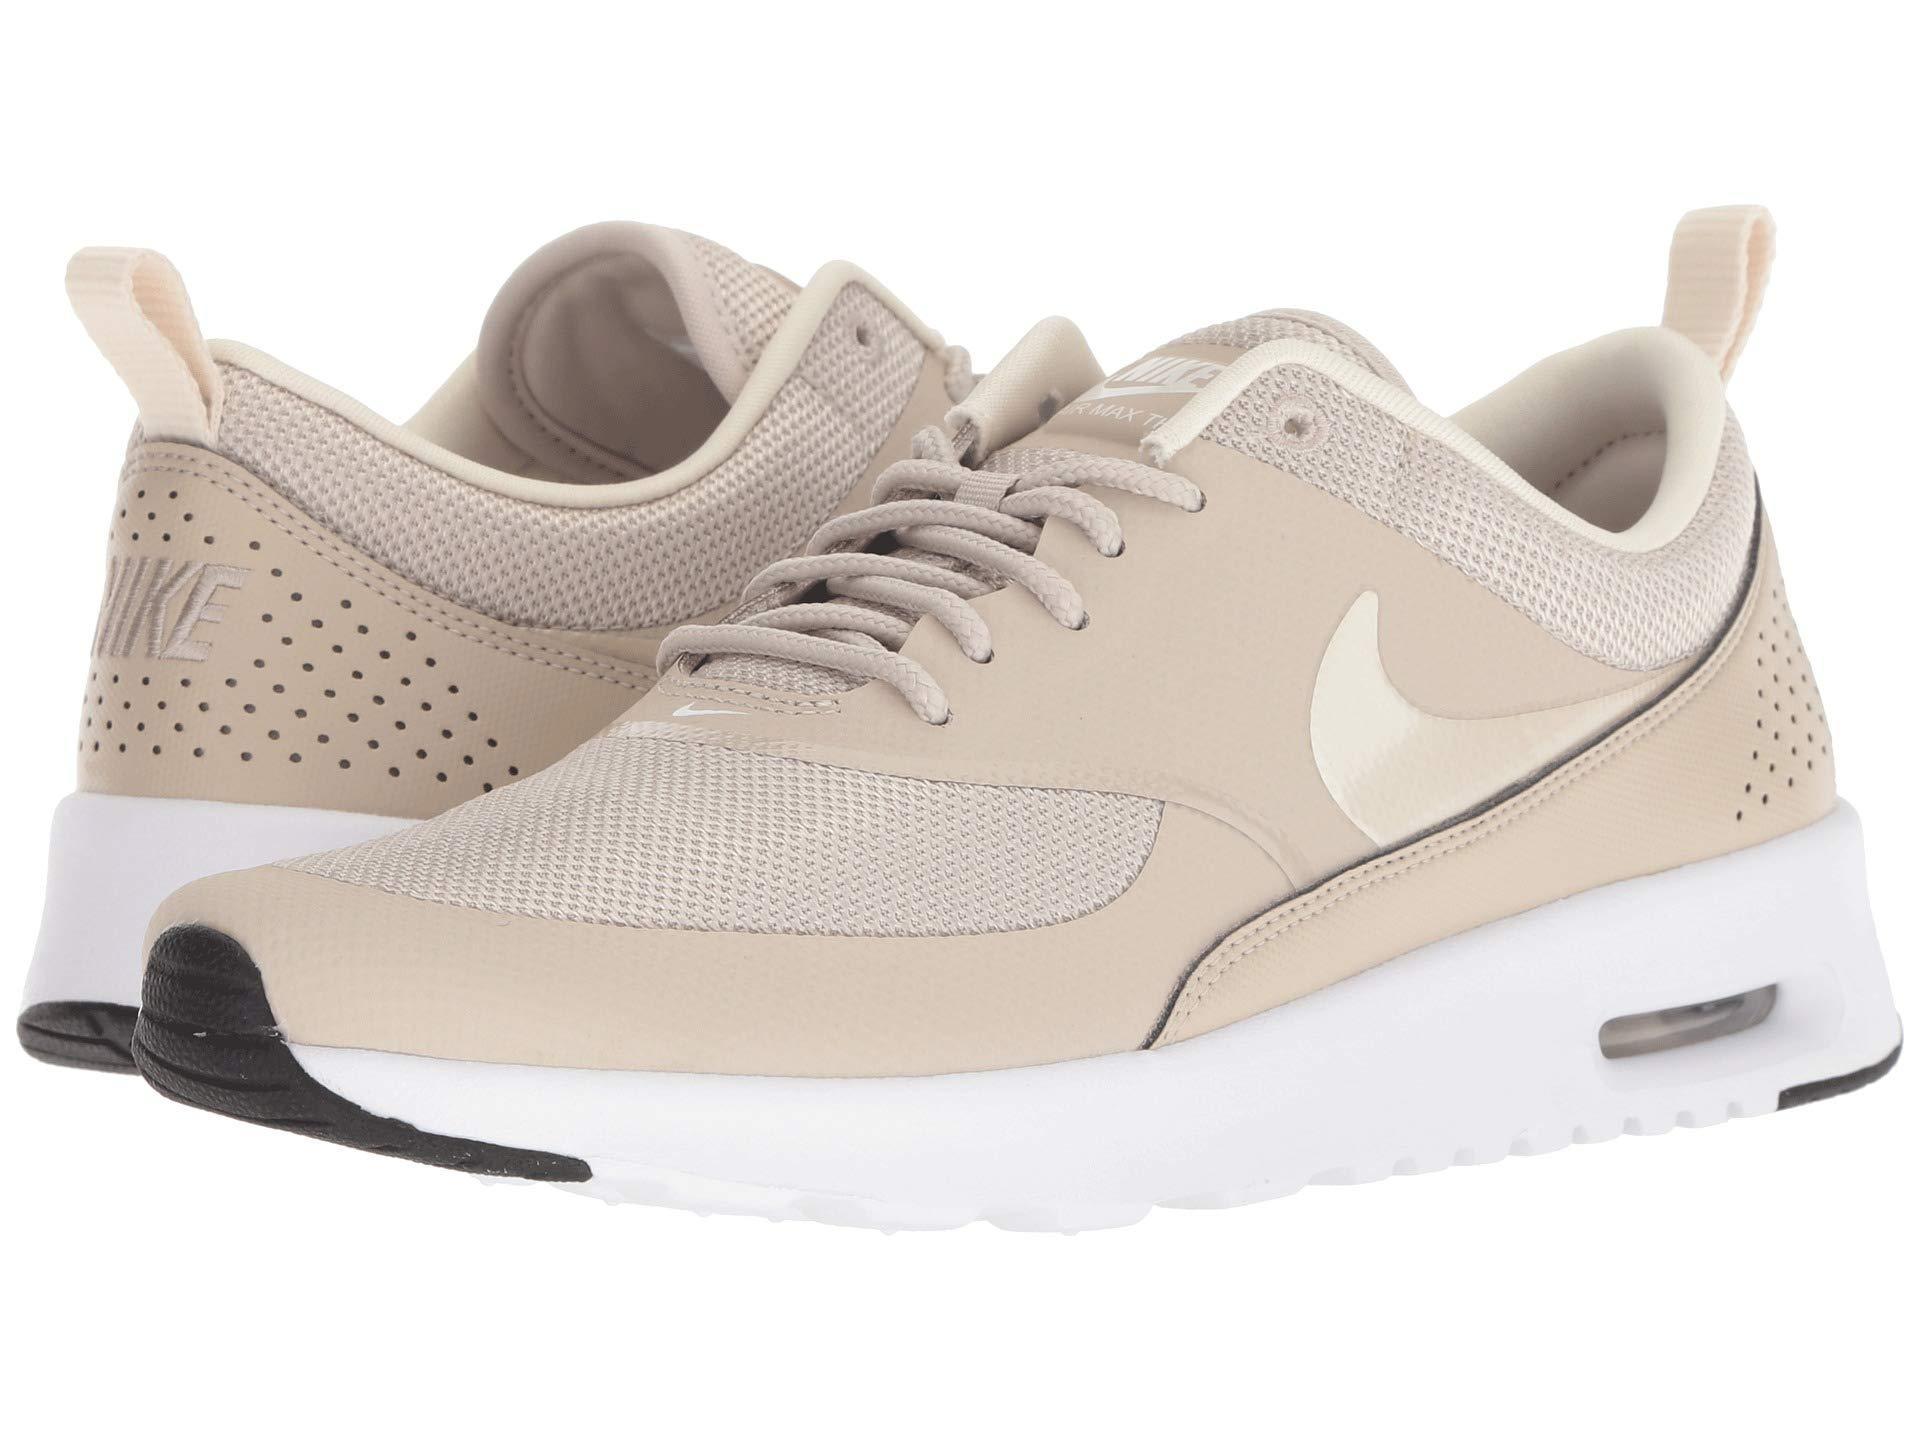 huge discount 09b5a 7dbb6 Nike. Women s White Air Max Thea